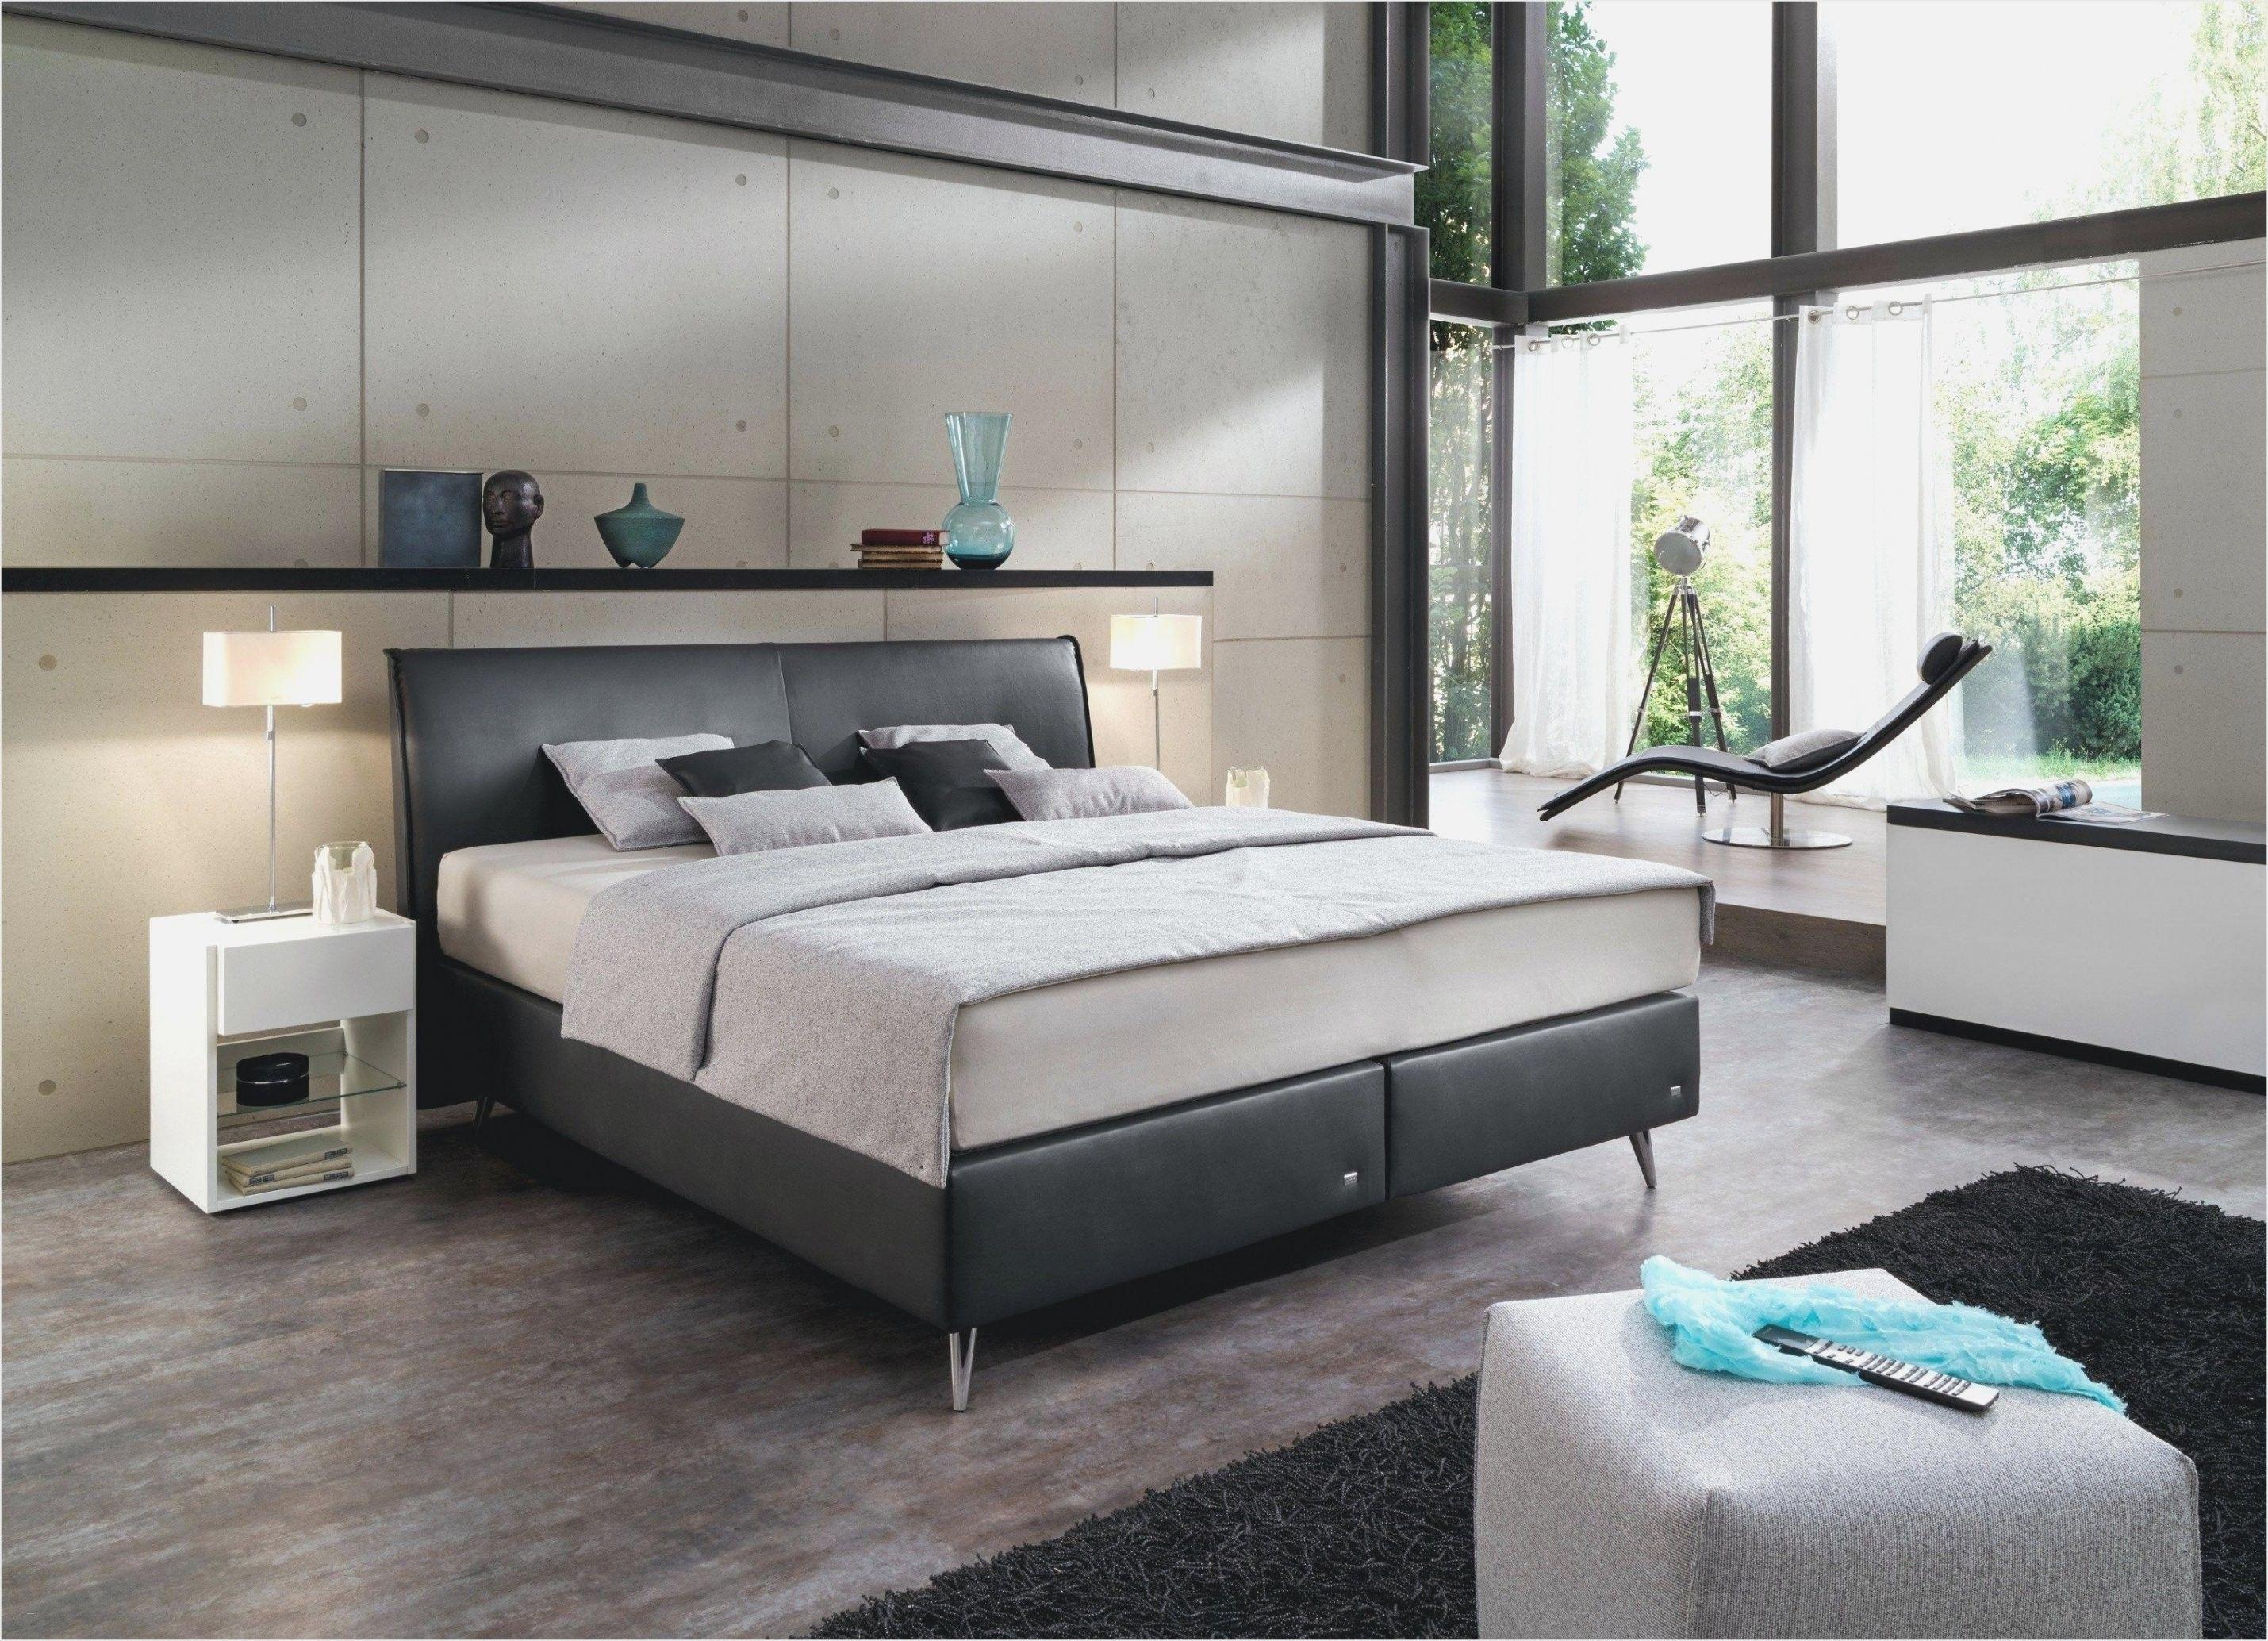 Matratze 180x200 Test Luxus Boxspring Matratze Best Ruf Betten Test Von Ruf Betten Matratzen Bild In 2020 Graues Schlafzimmer Schlafzimmer Weiss Schlafzimmer Design